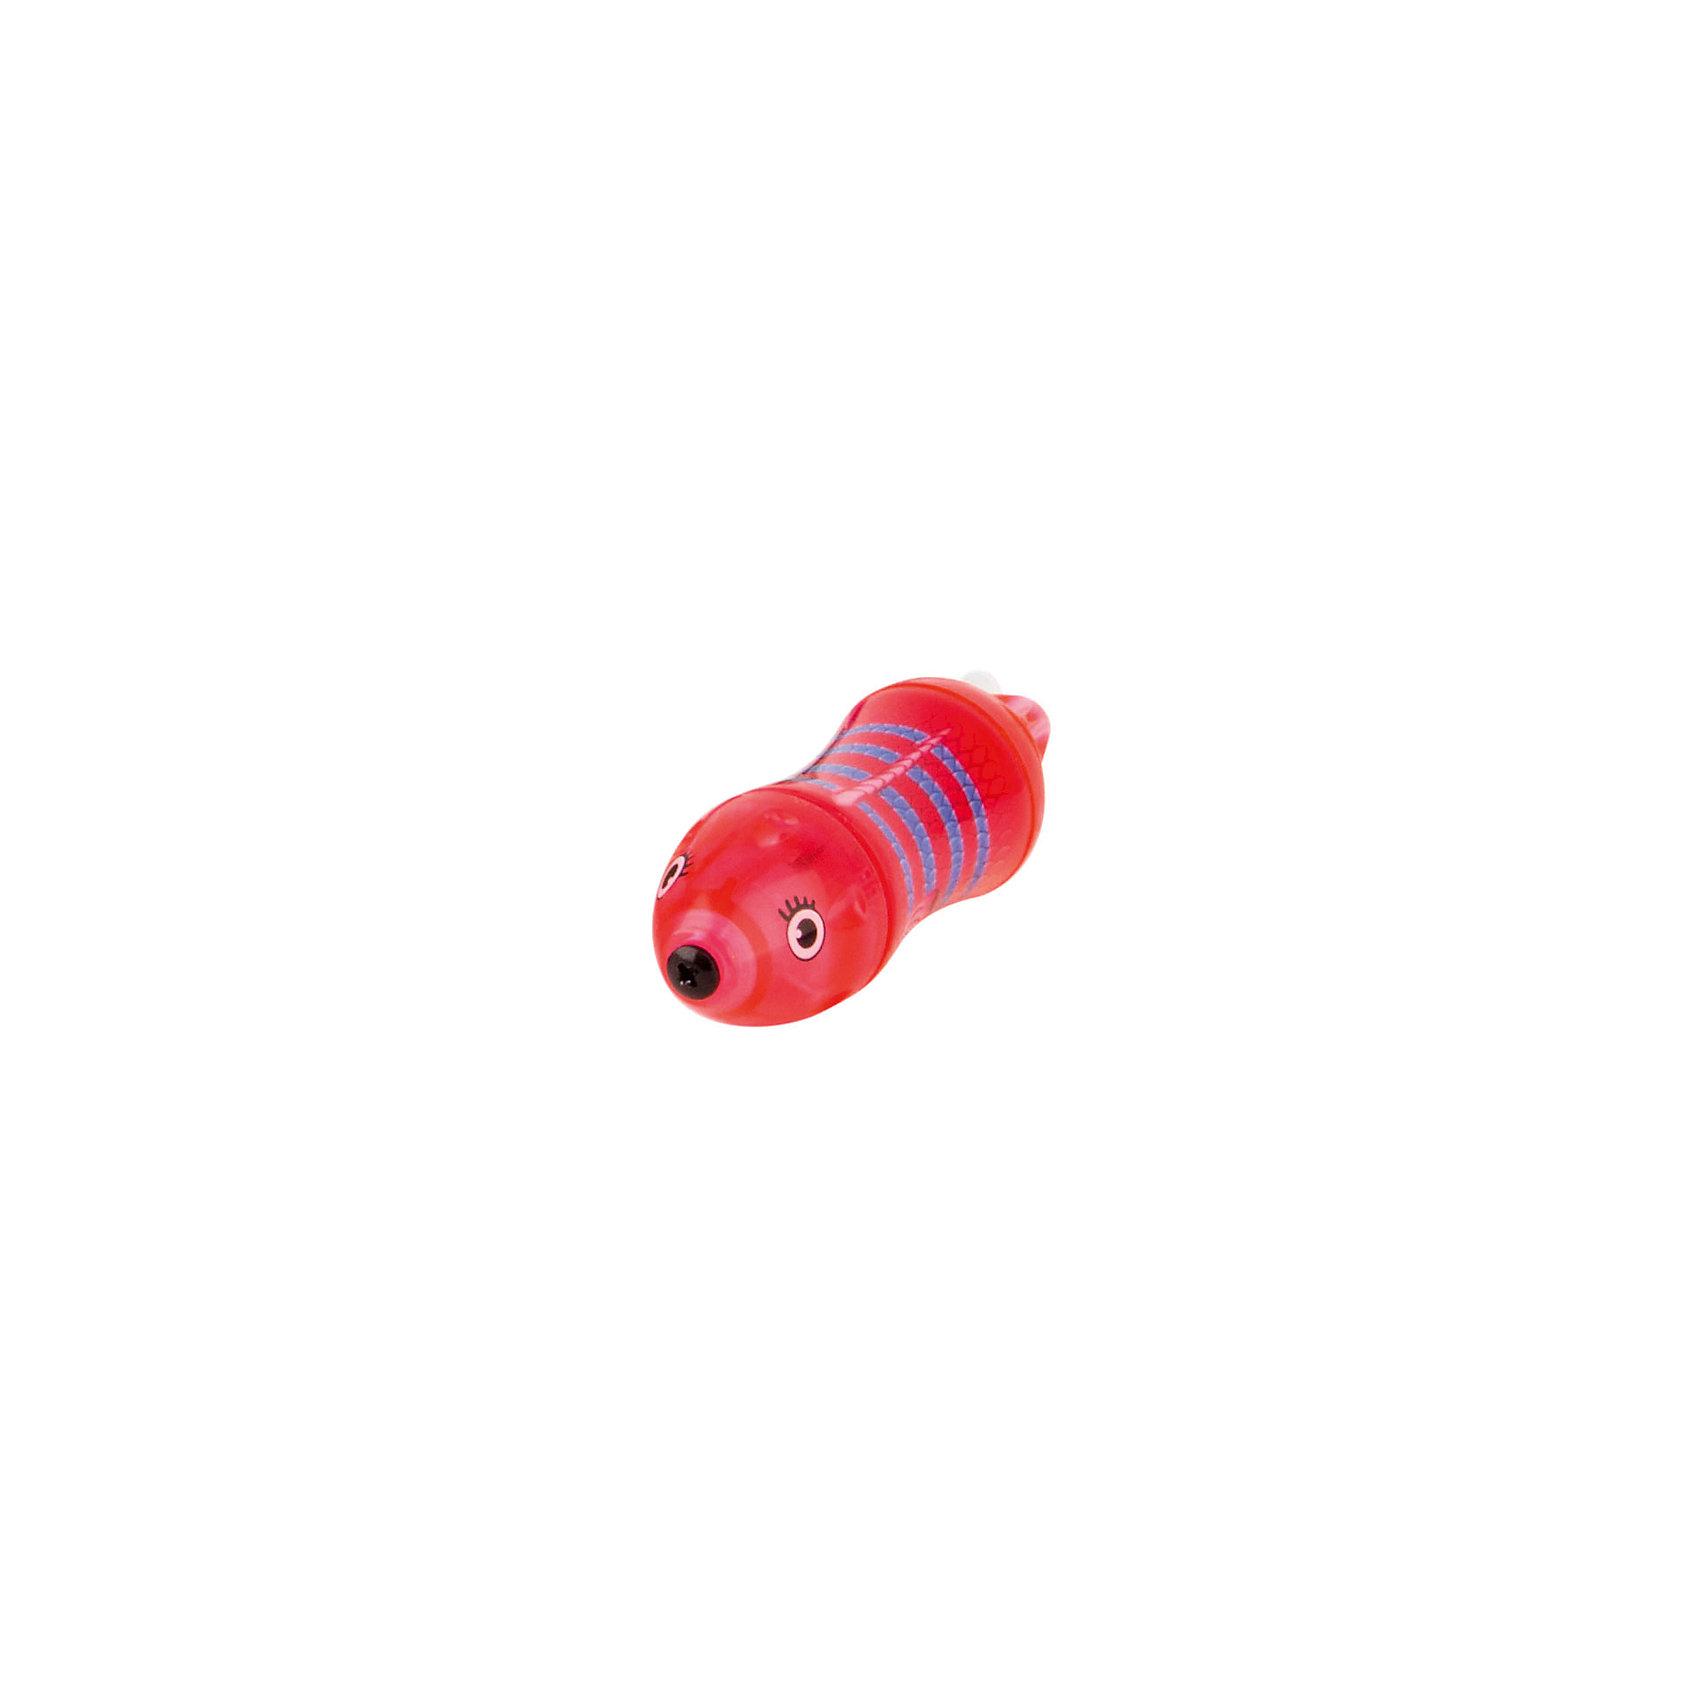 Микро-робот Aquabot Wahoo, розовый, HexbugИнтерактивные игрушки для малышей<br>Микро-робот Aquabot Wahoo, розовый, Hexbug (Хексбаг)<br><br>Характеристики:<br><br>• останавливается через 5 минут работы<br>• легко запускается<br>• быстро двигается<br>• батарейки: LR44 - 1 шт.<br>• размер упаковки: 2,5х13х4,5 см<br>• вес: 35 грамм<br>• цвет: розовый<br><br>Aquabot Wahoo - маленькая рыбка-робот из линейки микророботов Aquabot. Она быстро двигается в воде, подражая своему прототипу, рыбе Ваху. Через 5 минут работы включается режим энергосбережения и рыбка останавливается. Чтобы она снова начала двигаться, достаточно постучать по стенке аквариума. Aquabot Wahoo - прекрасное развлечение для всей семьи!<br><br>Микро-робот Aquabot Wahoo, розовый, Hexbug (Хексбаг) вы можете купить в нашем интернет-магазине.<br><br>Ширина мм: 9999<br>Глубина мм: 9999<br>Высота мм: 9999<br>Вес г: 9999<br>Возраст от месяцев: 36<br>Возраст до месяцев: 2147483647<br>Пол: Унисекс<br>Возраст: Детский<br>SKU: 5507212